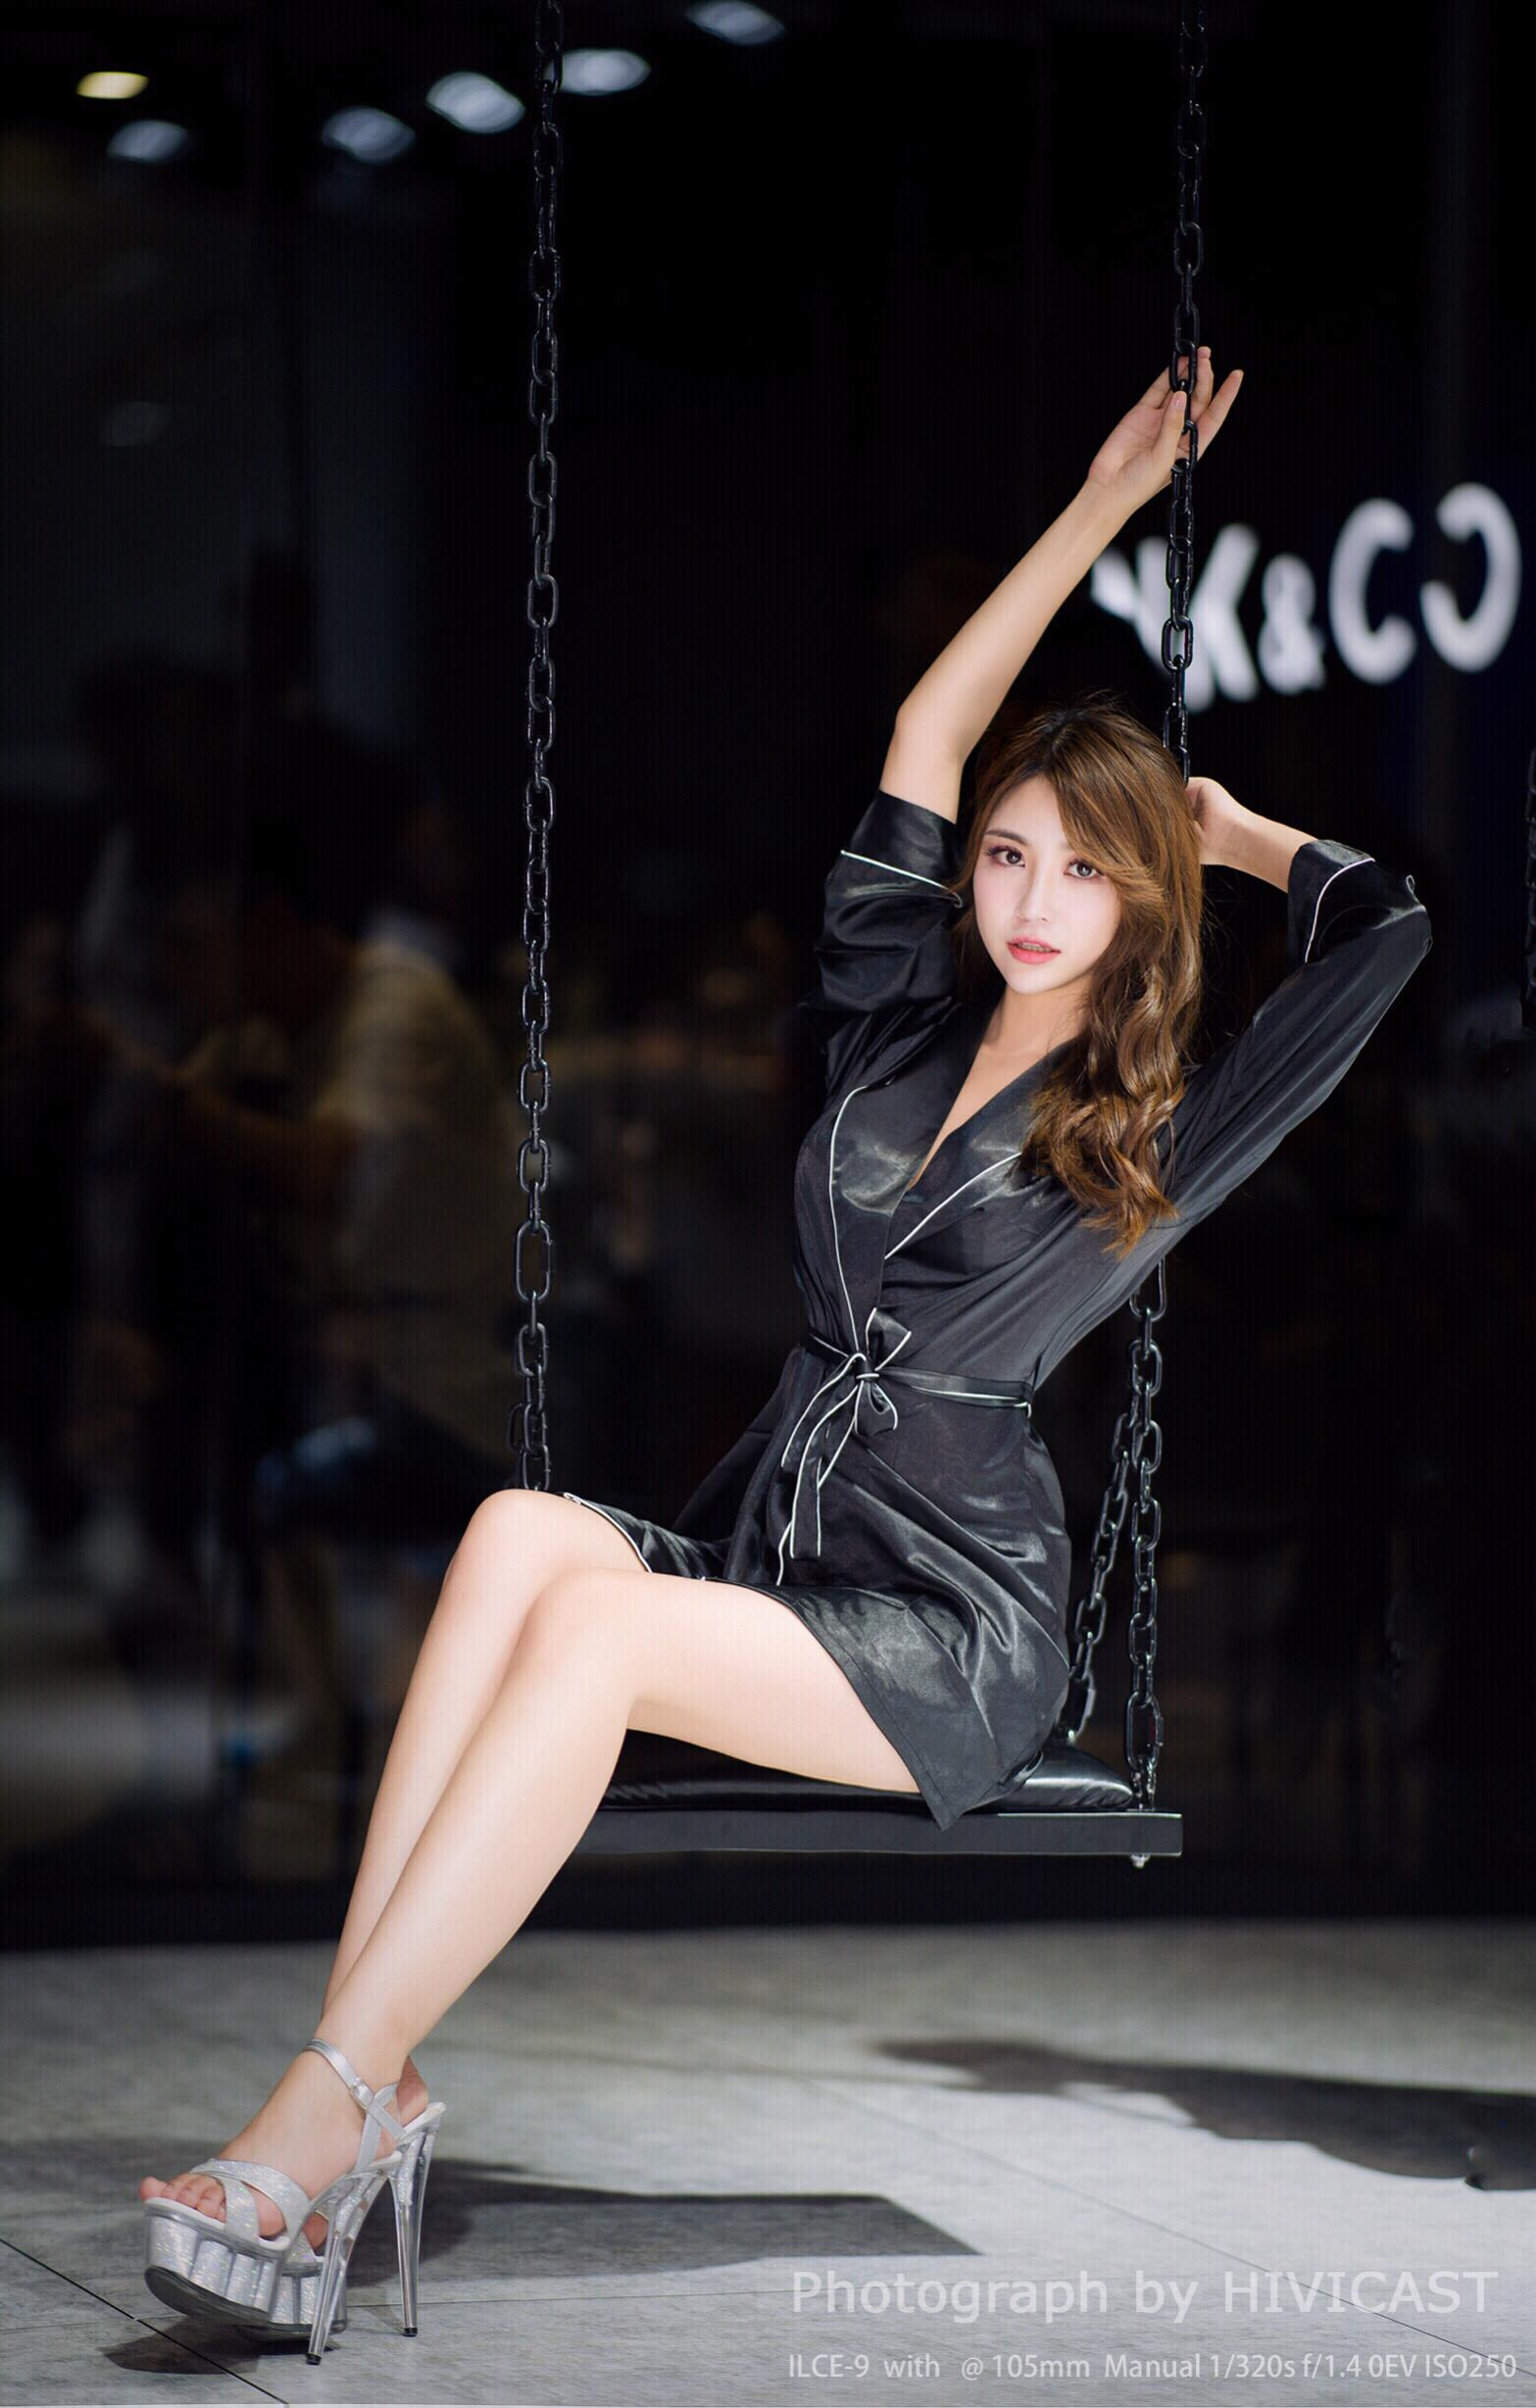 2018长春车展 沃尔沃汽车展台模特:王璐瑶Cecilia 黑色性感睡衣写真